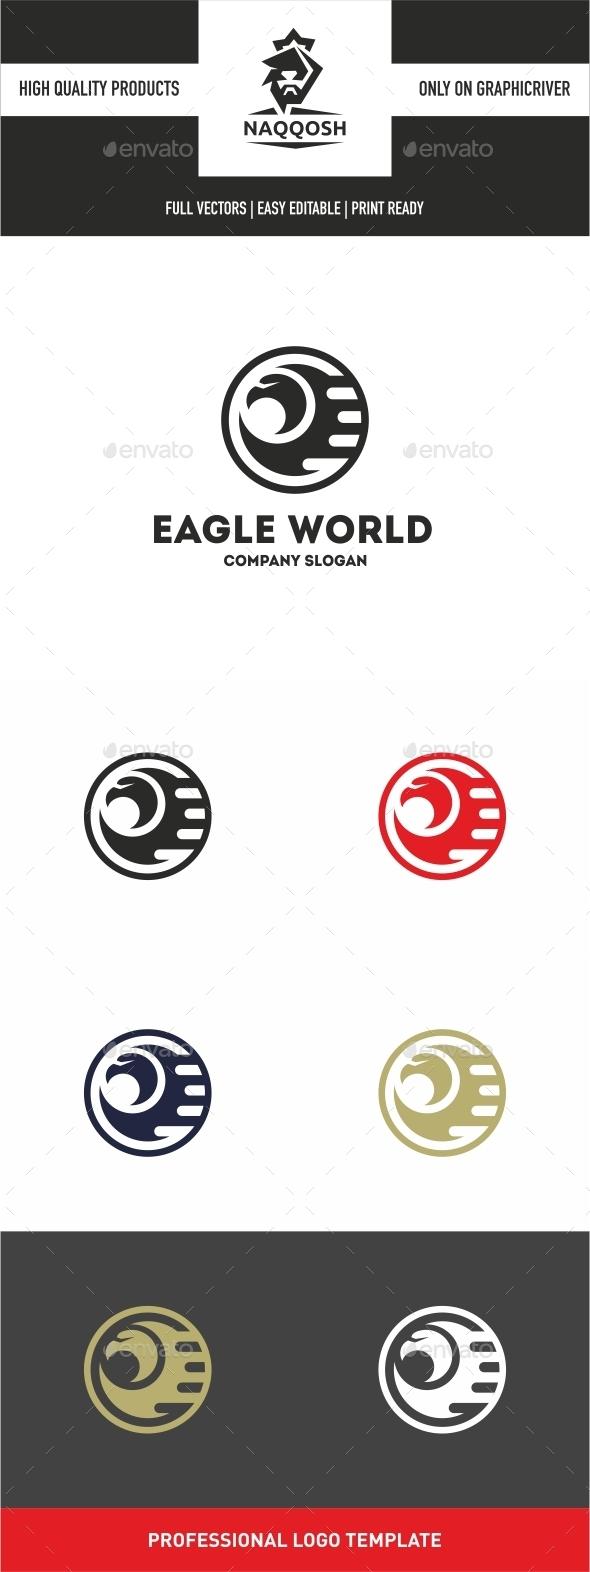 GraphicRiver Eagle World 10541697